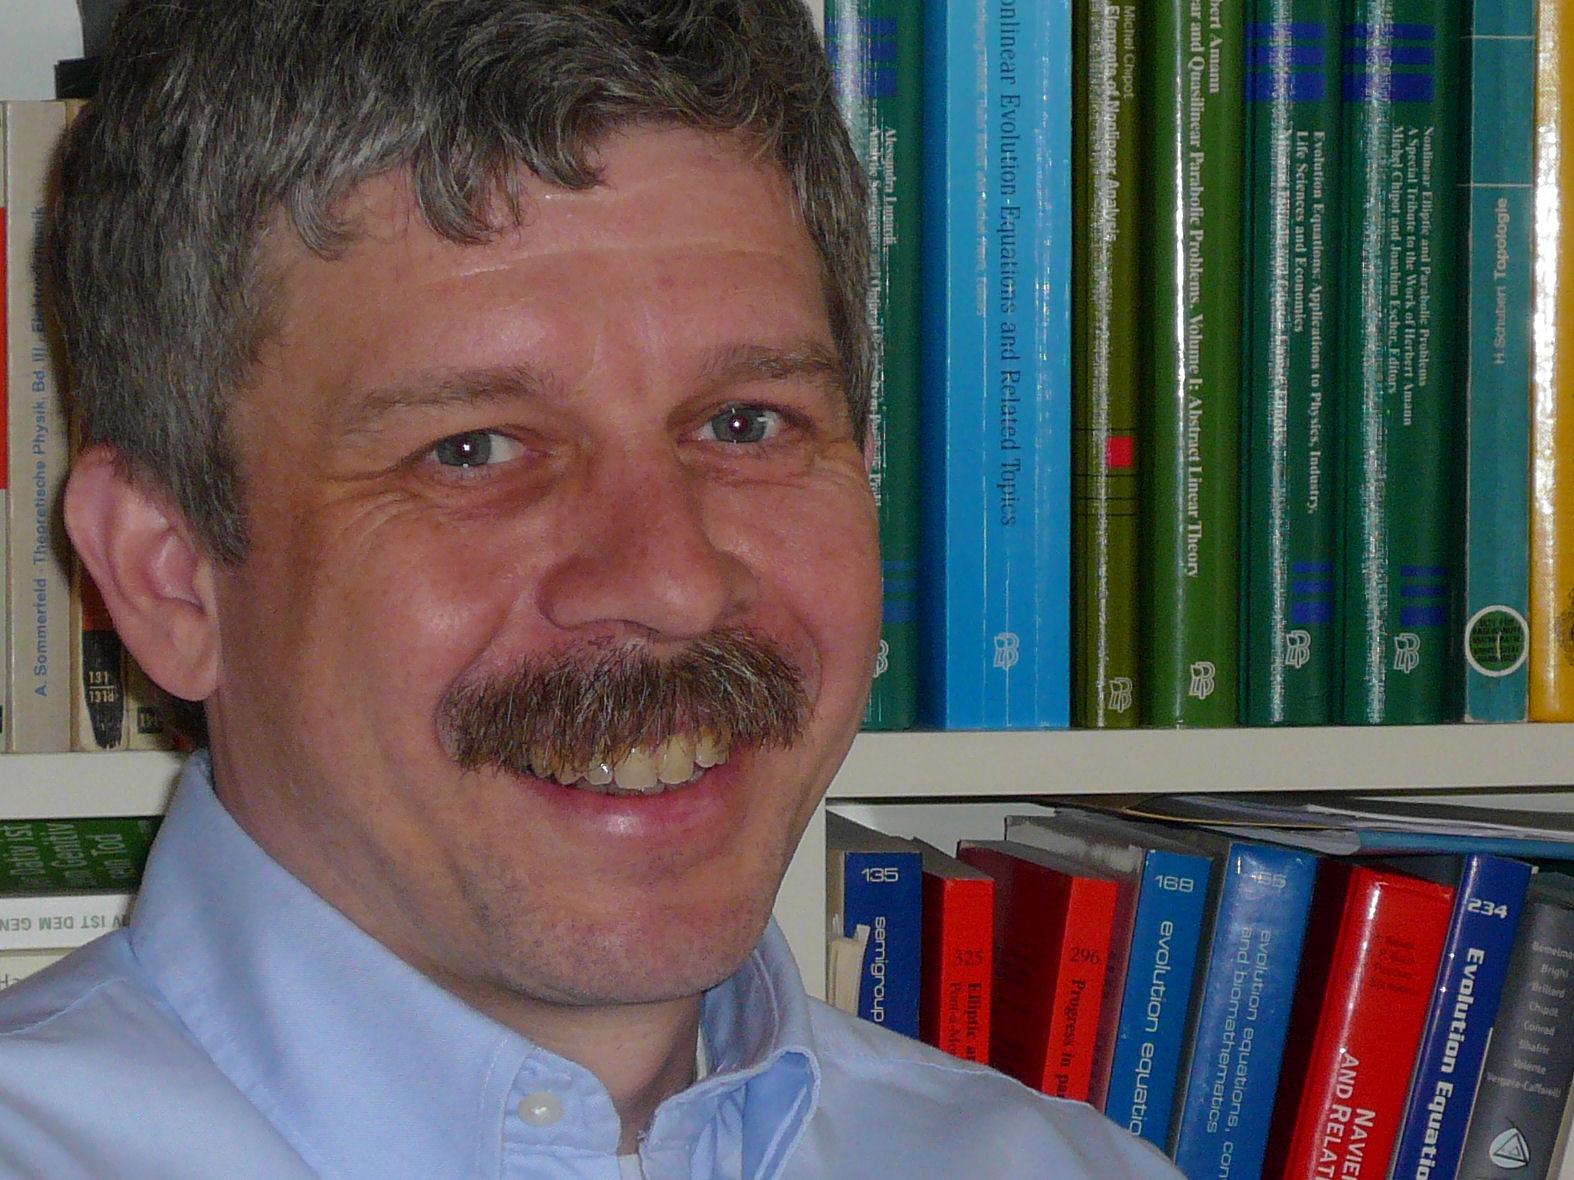 Porträtfoto eines Mannes, im Hintergrund sind Bücher zu sehen.